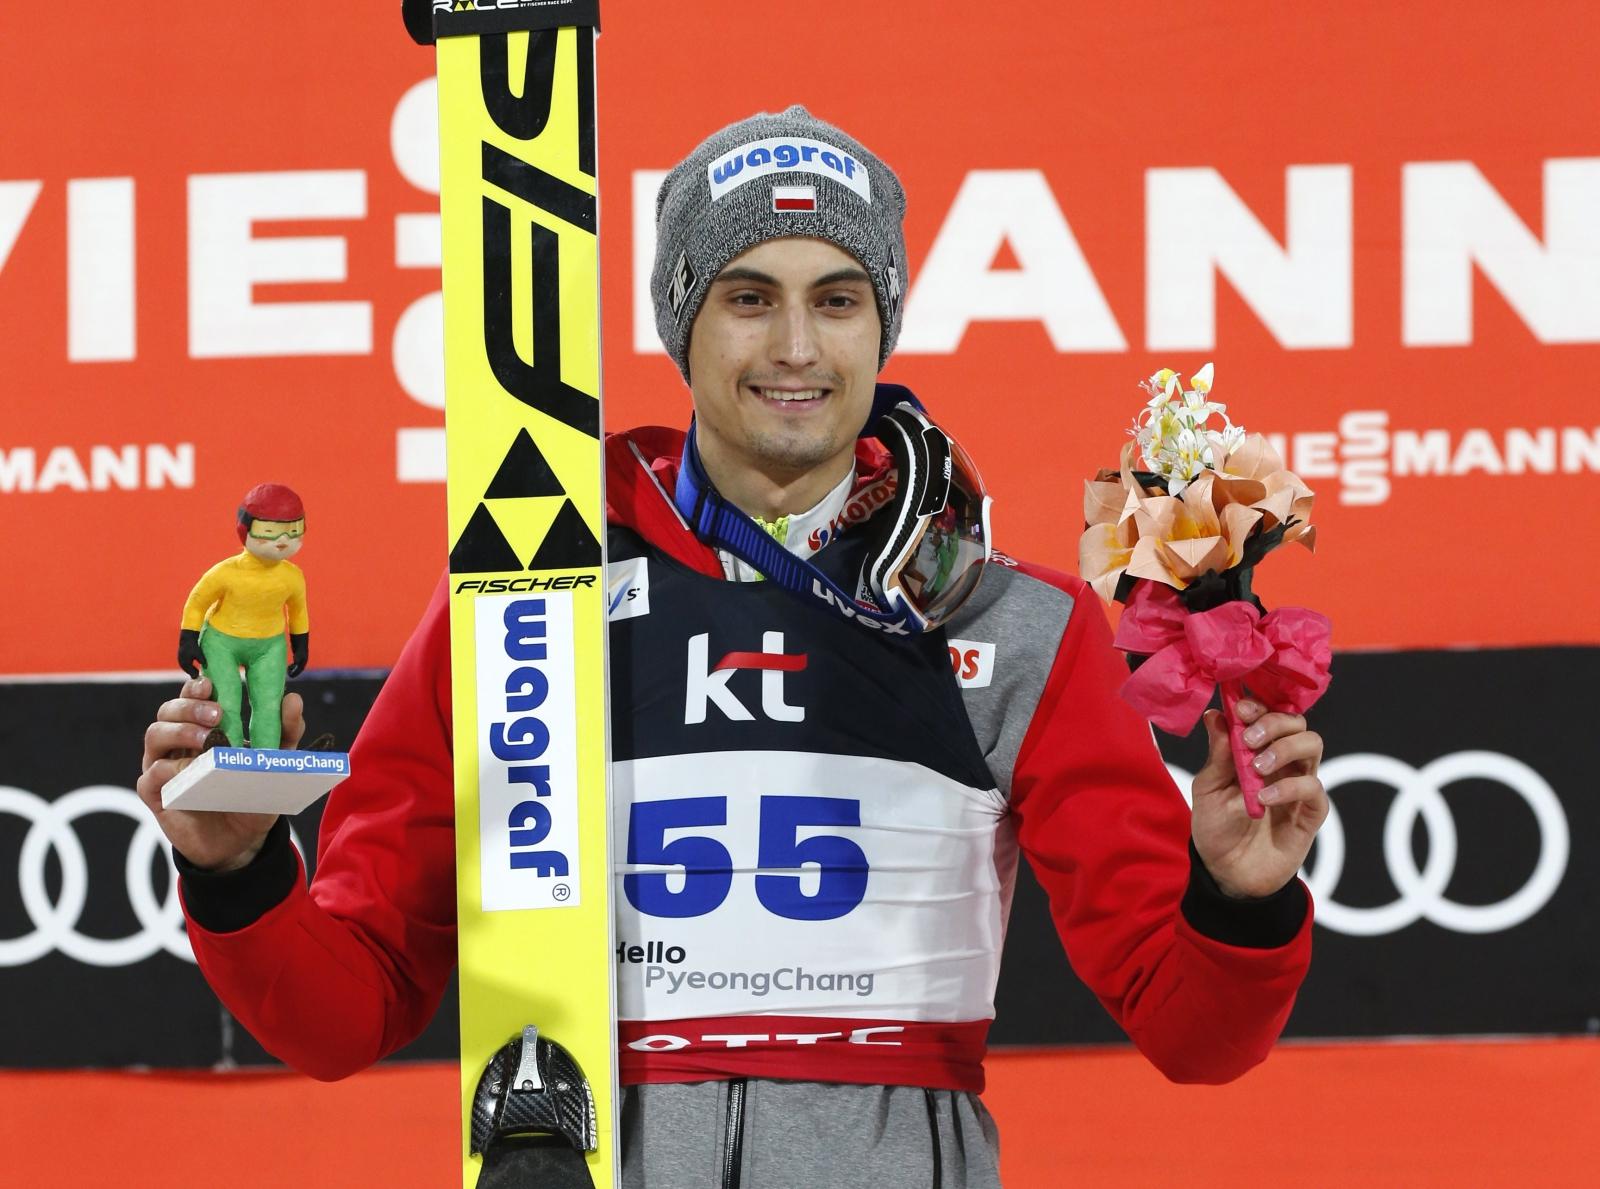 Maciej Kot wygrał w pucharze konkursu indywidualnego w skokach narciarskich w Korei Południowej. Fot. PAP/EPA/JEON HEON-KYUN